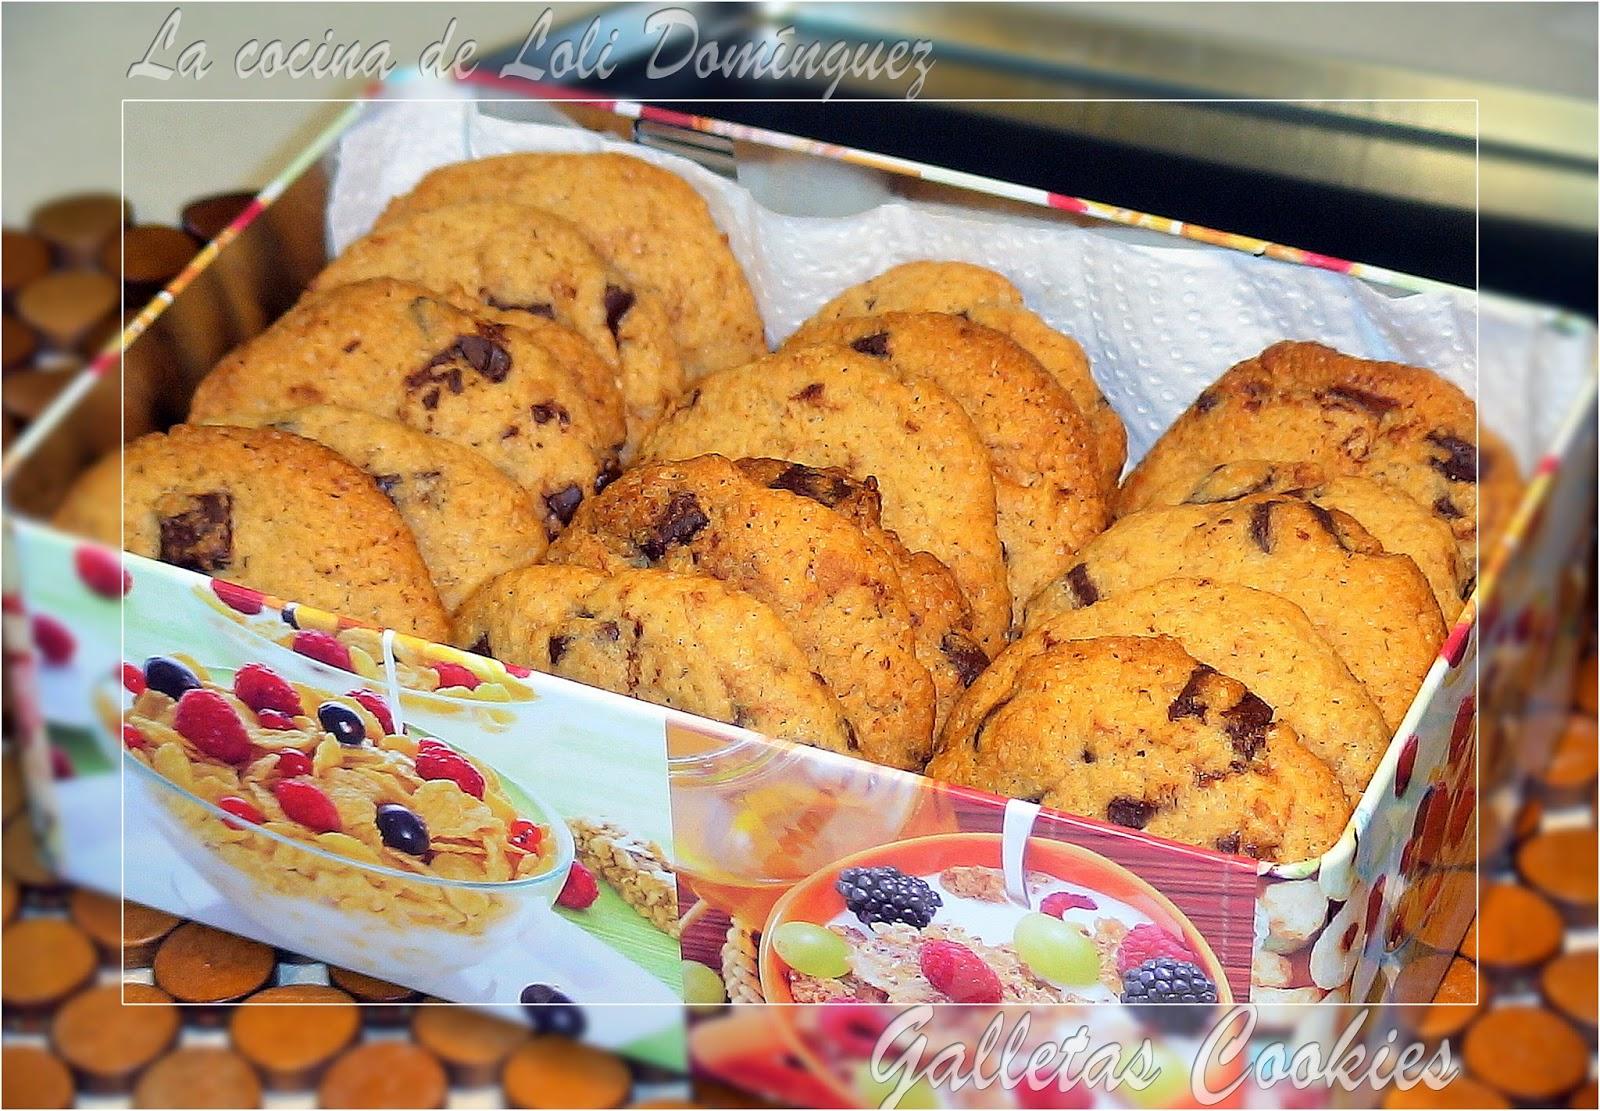 la cocina de loli dom nguez galletas cookies